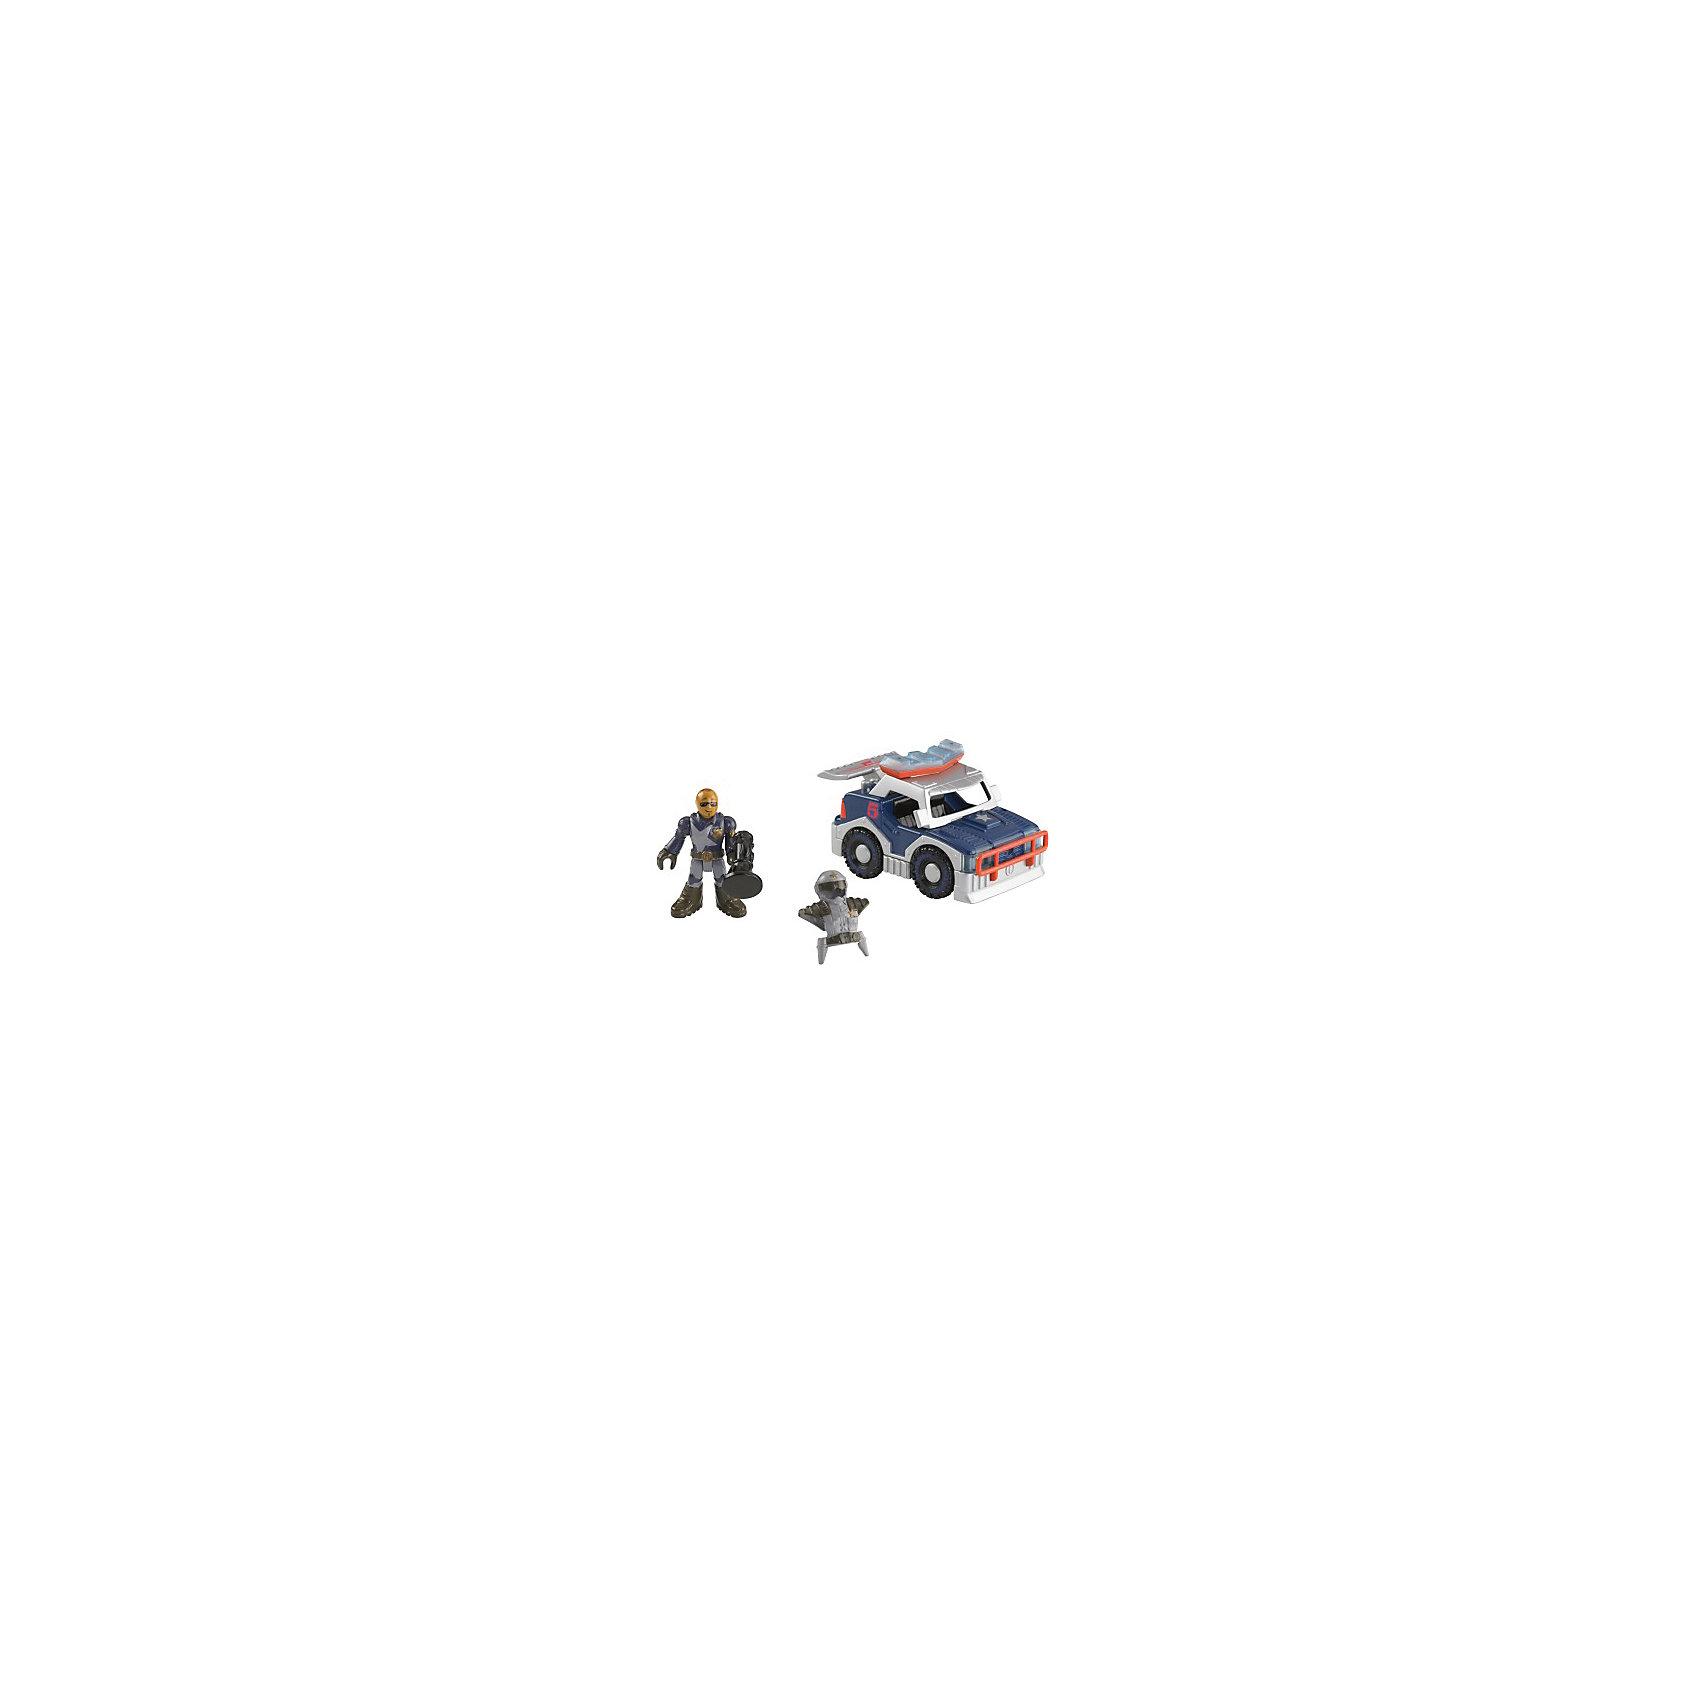 Mattel Набор Городские спасатели с аксессуарами, Imaginext, Fisher Price ролевые игры zhorya тостер с аксессуарами